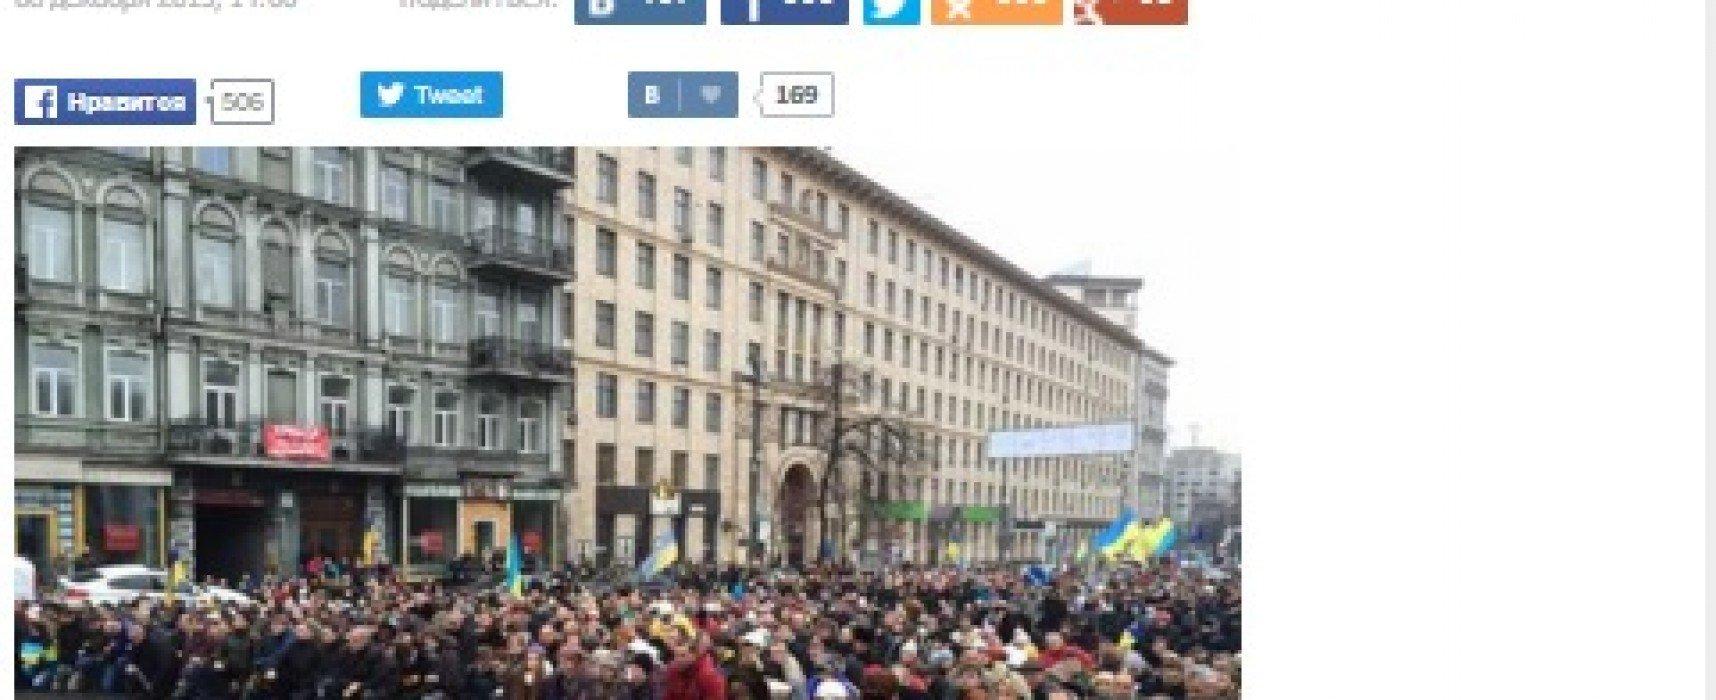 Фотофейк: киевляните паднаха на колене пред Байден